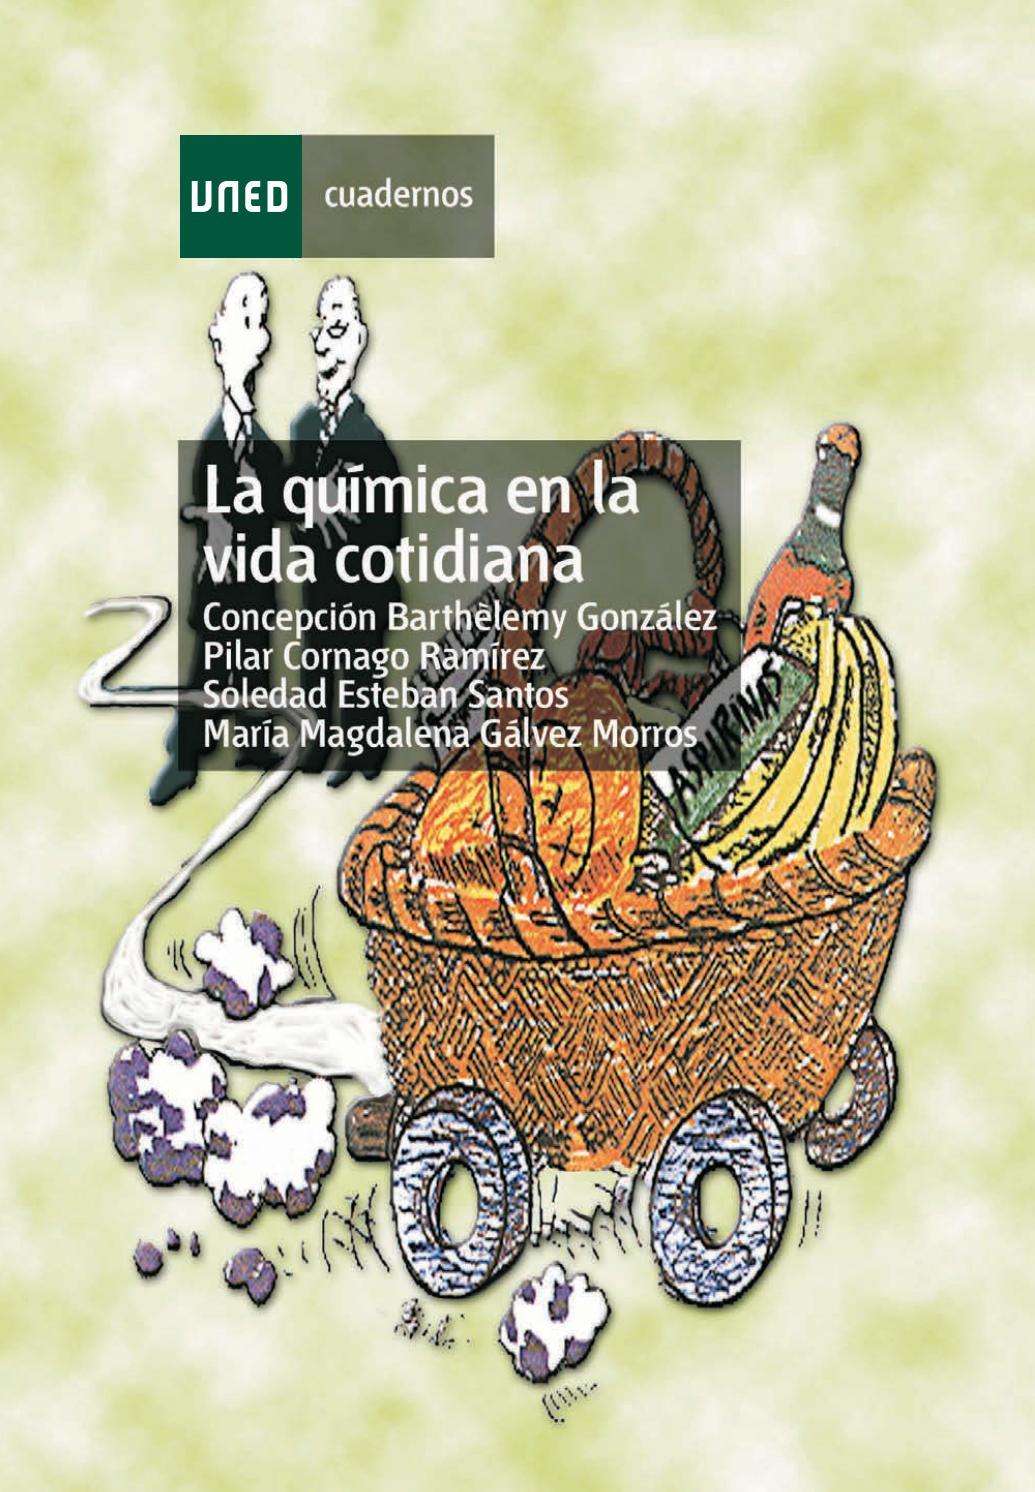 la quimica en la vida cotidiana by Tatiana Diaz Ramos - issuu